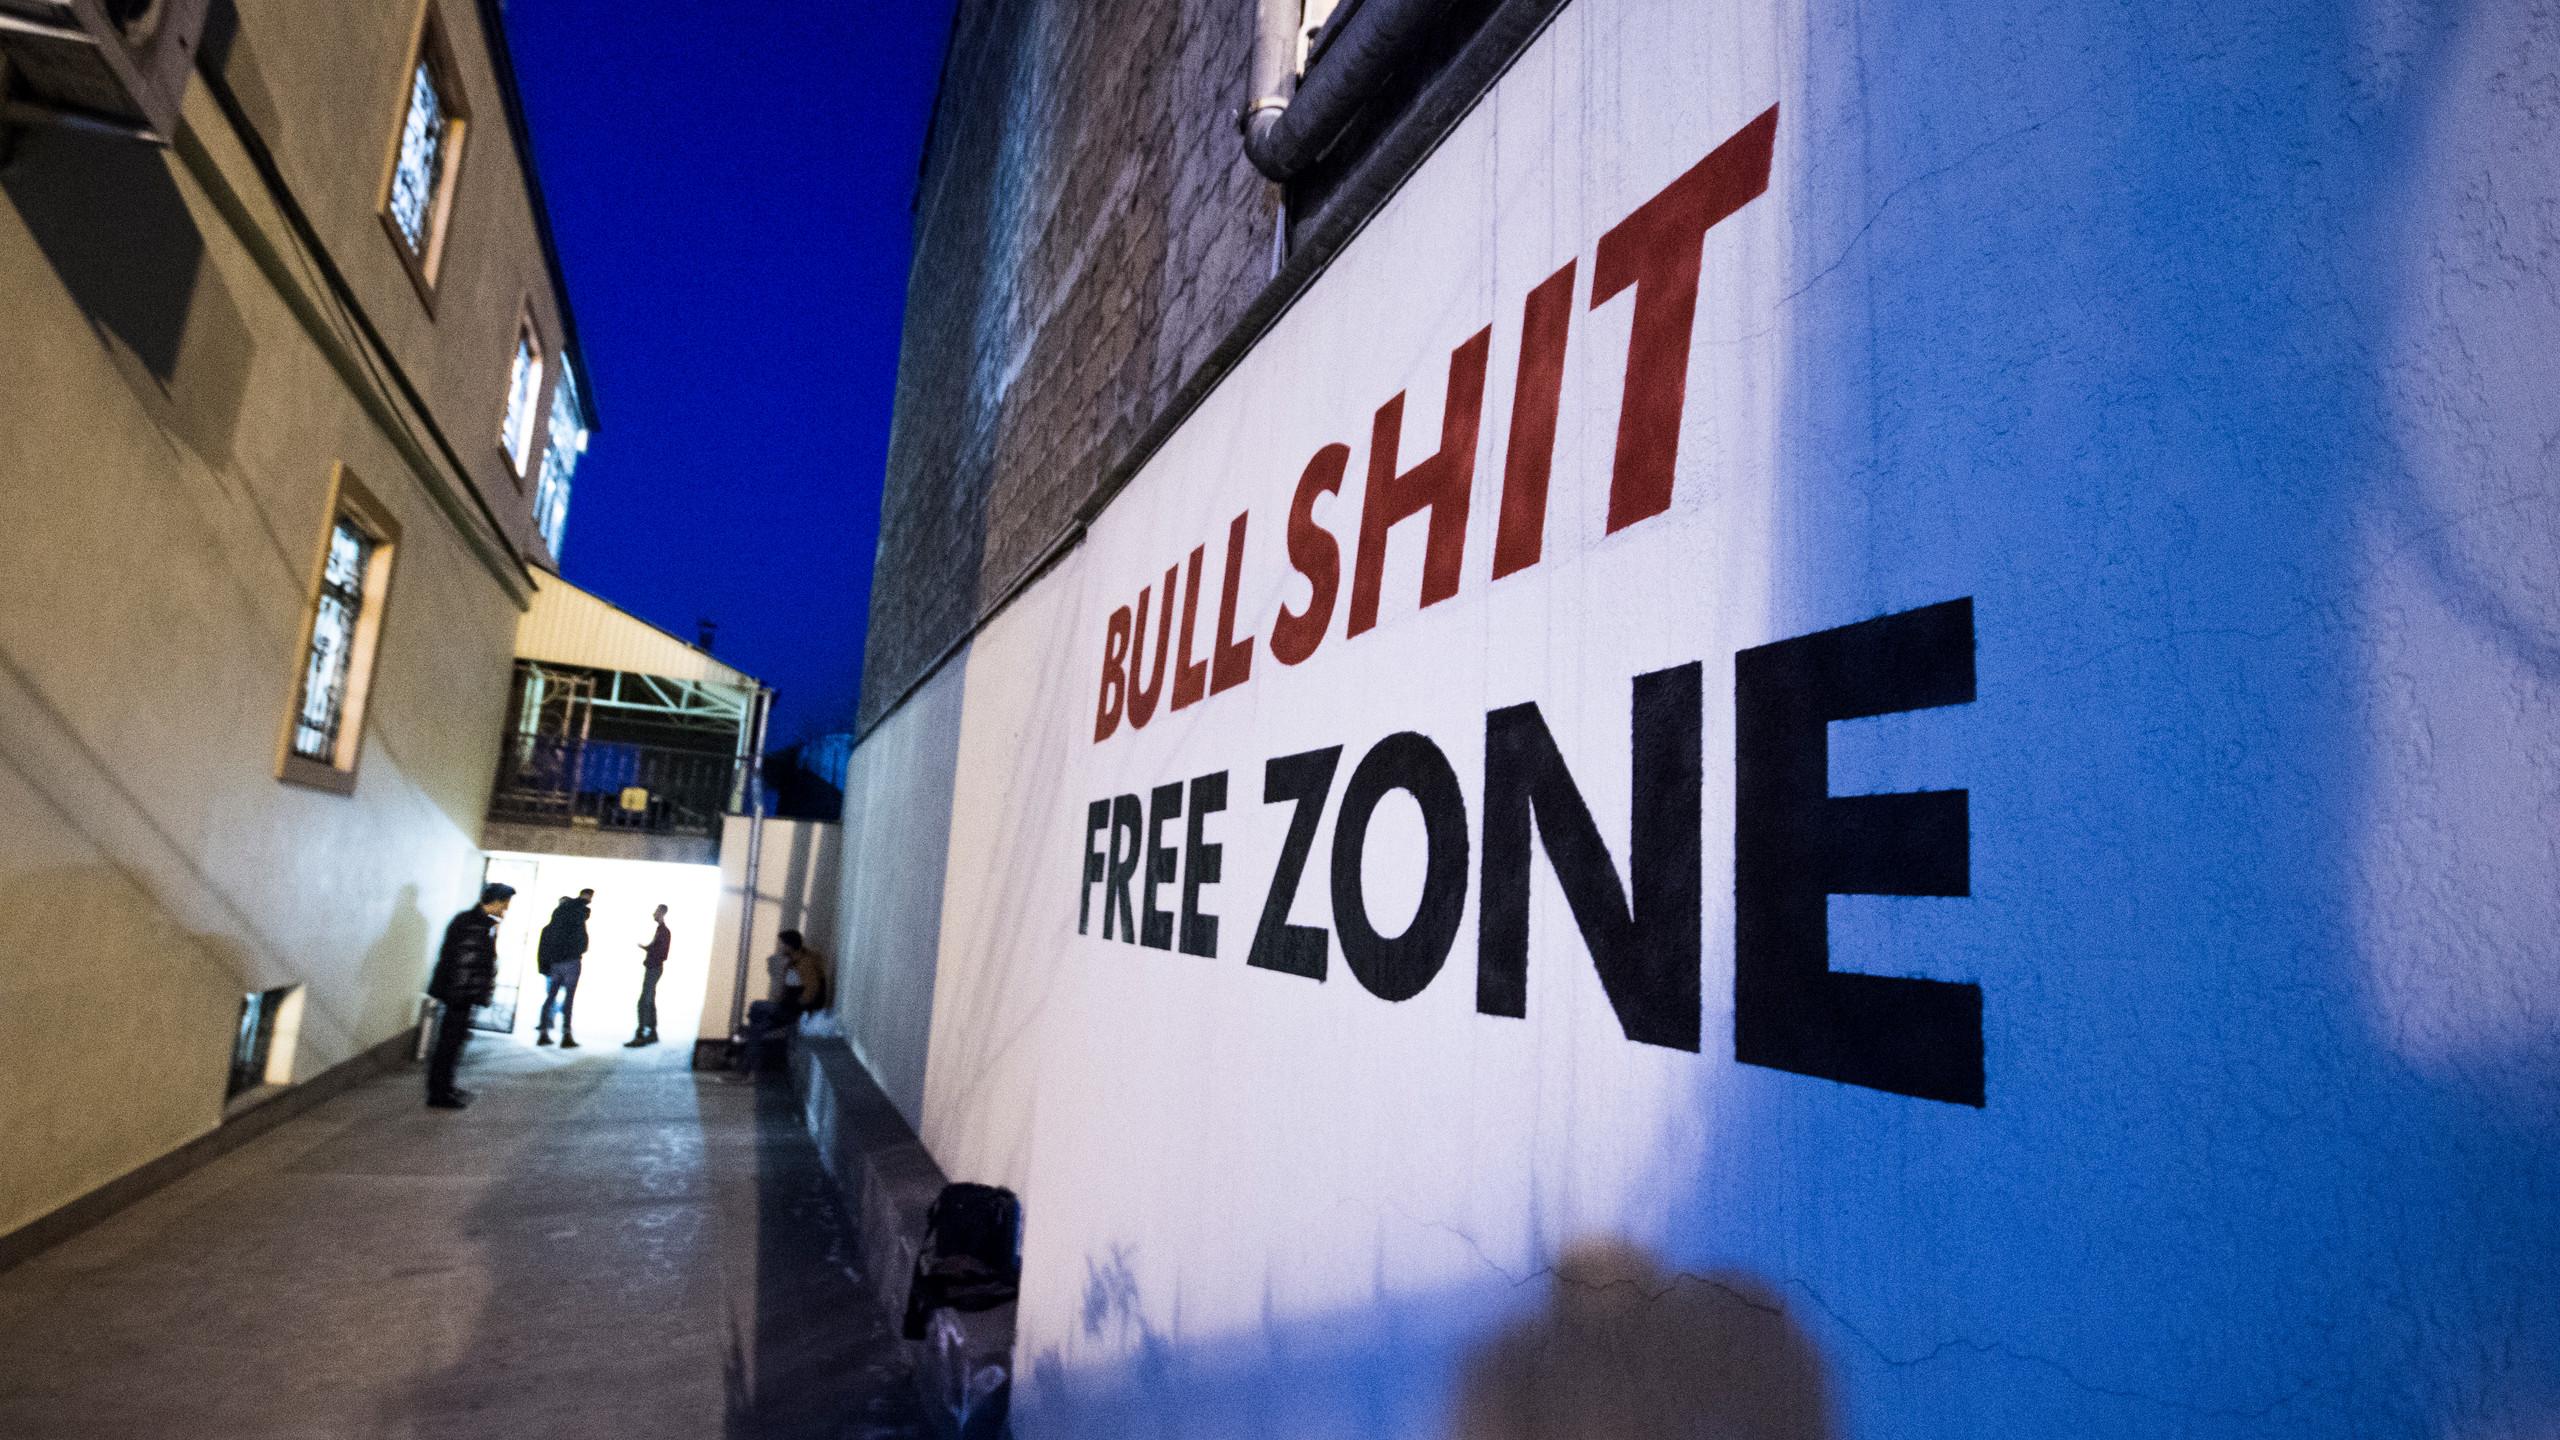 Hero House - the Bullshit Free Zone